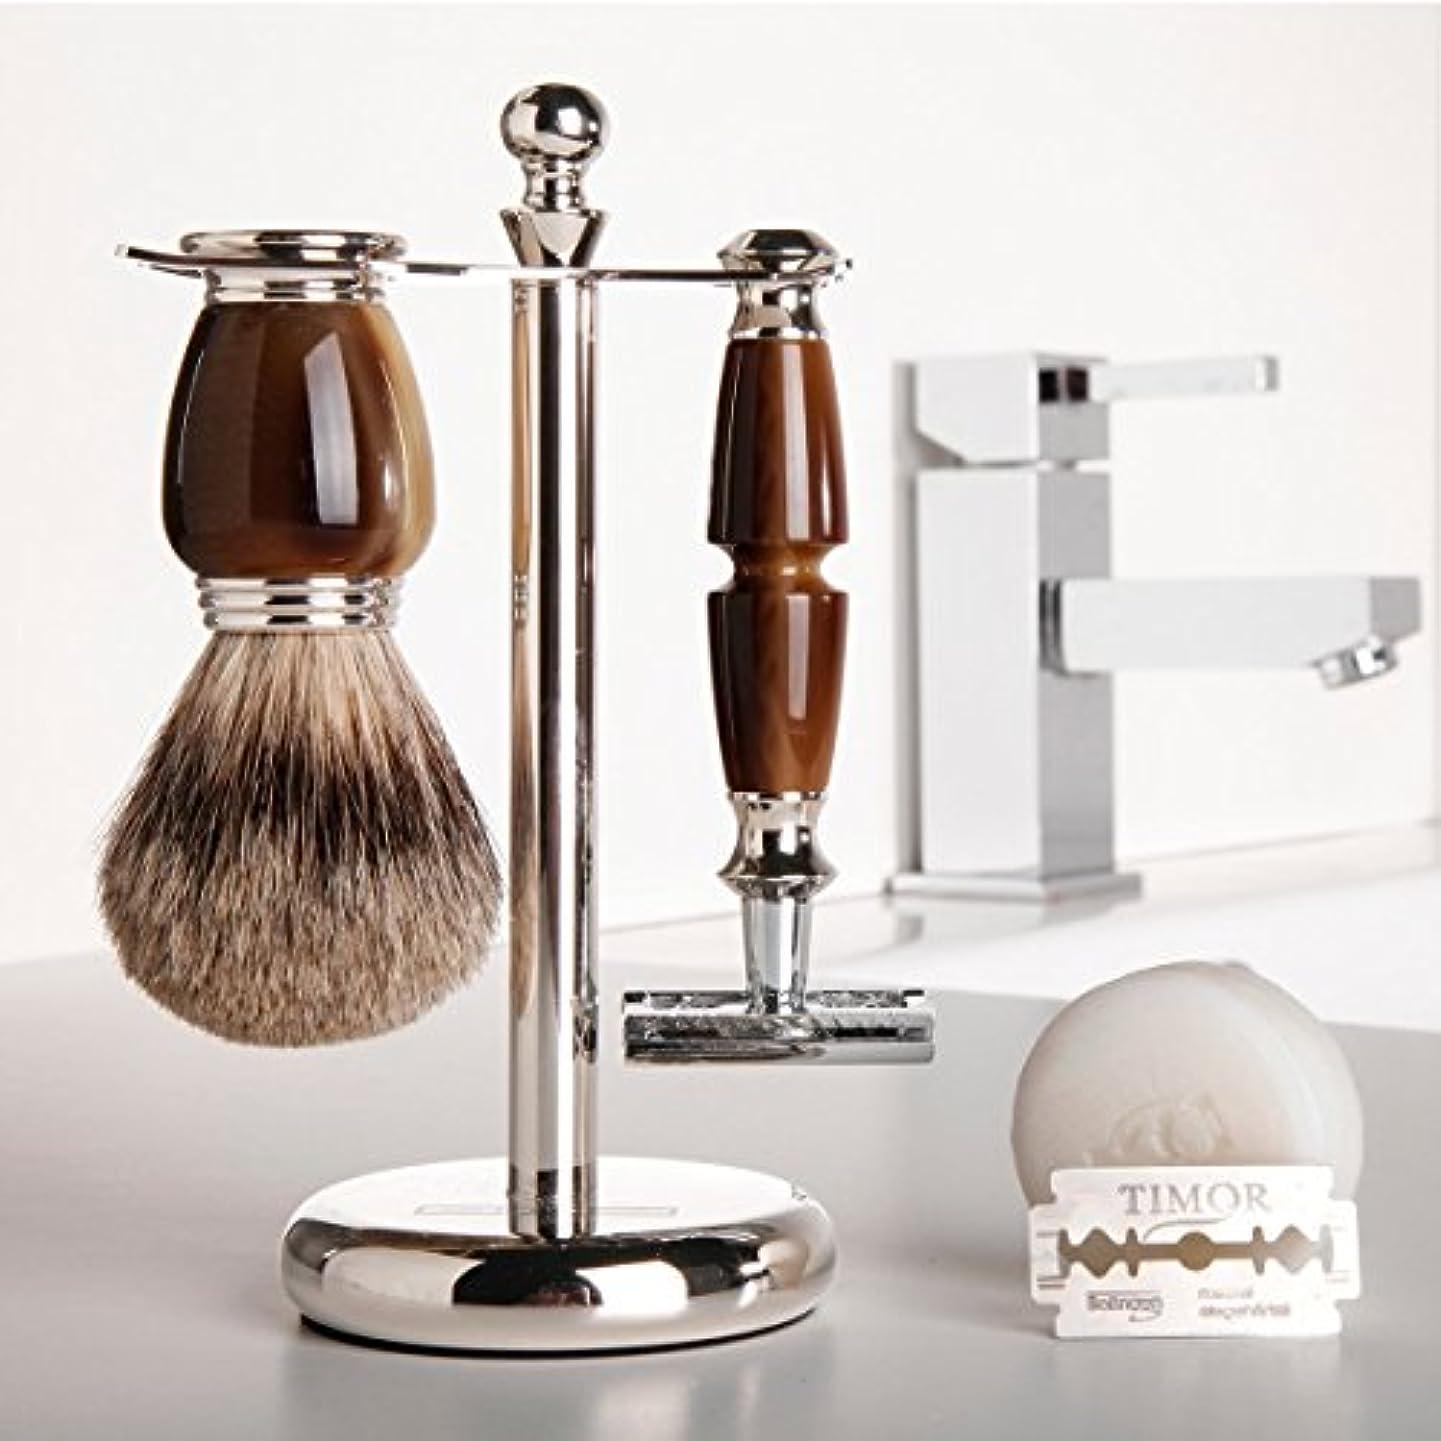 集めるアクセサリーダーベビルのテスGOLDDACHS Shaving Set, Safety Razor, Finest Badger, Galalith